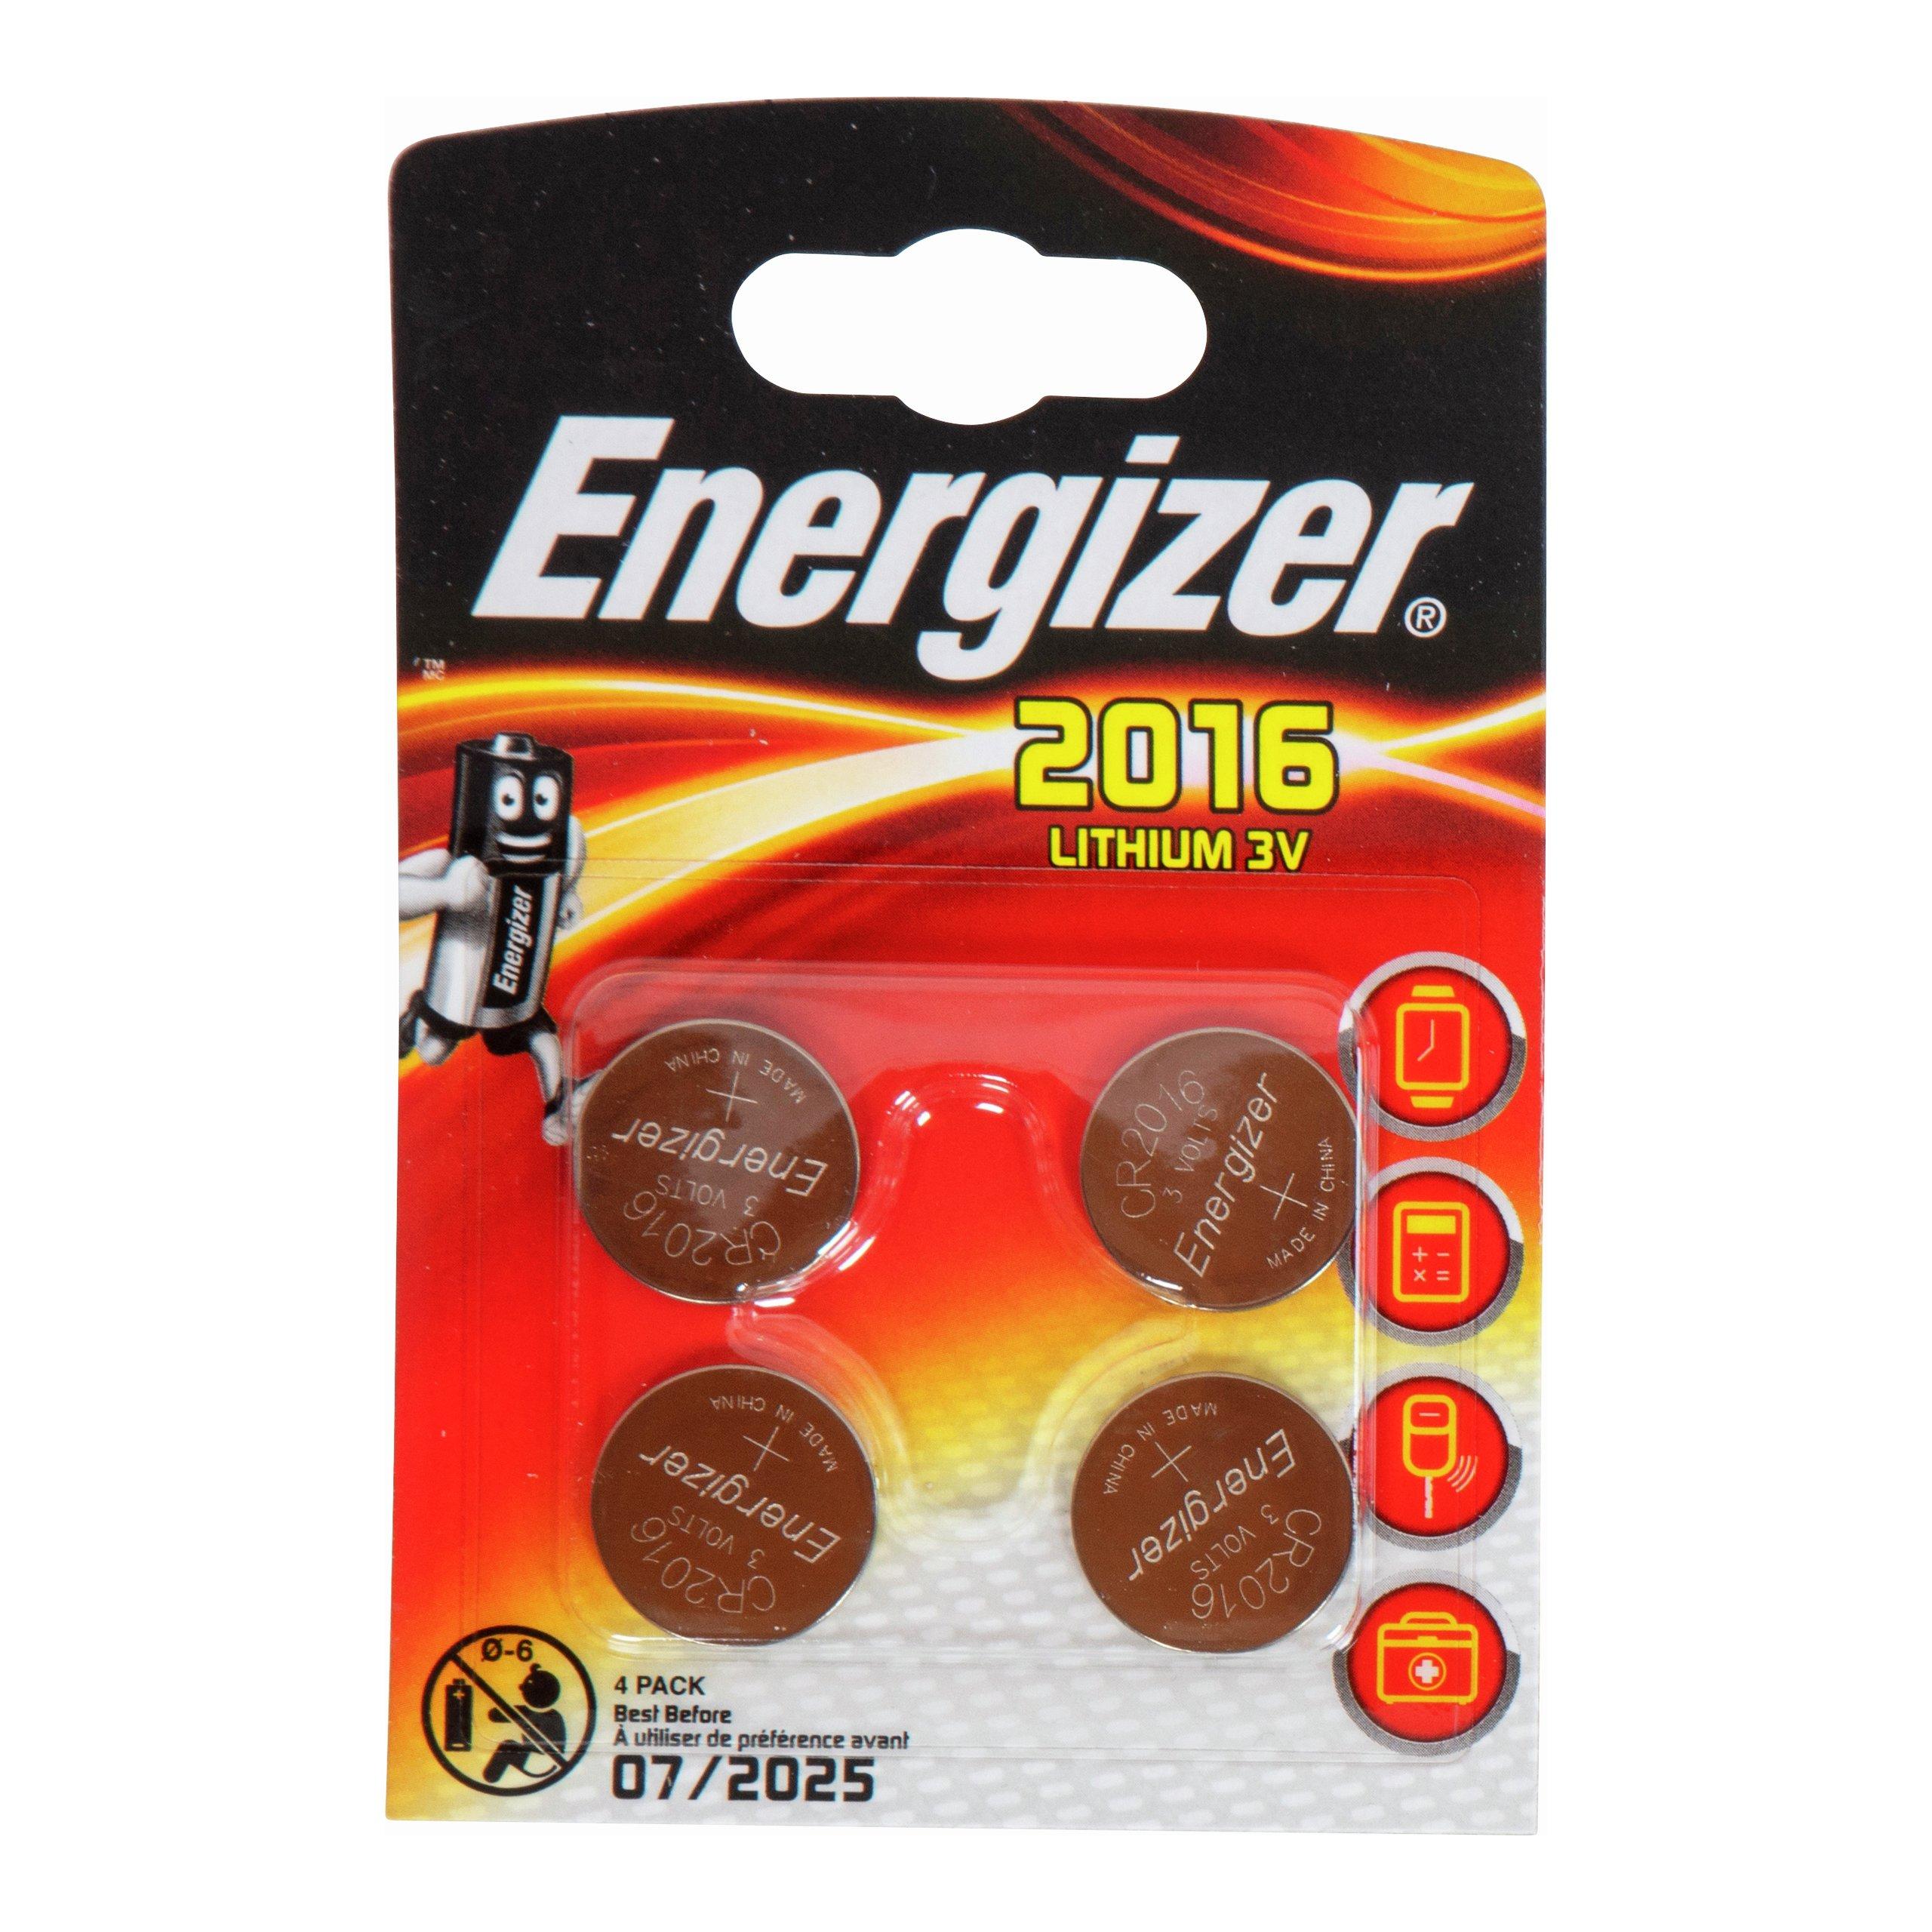 ENERGIZER LITHIUM CR2016 4PK-BAT634